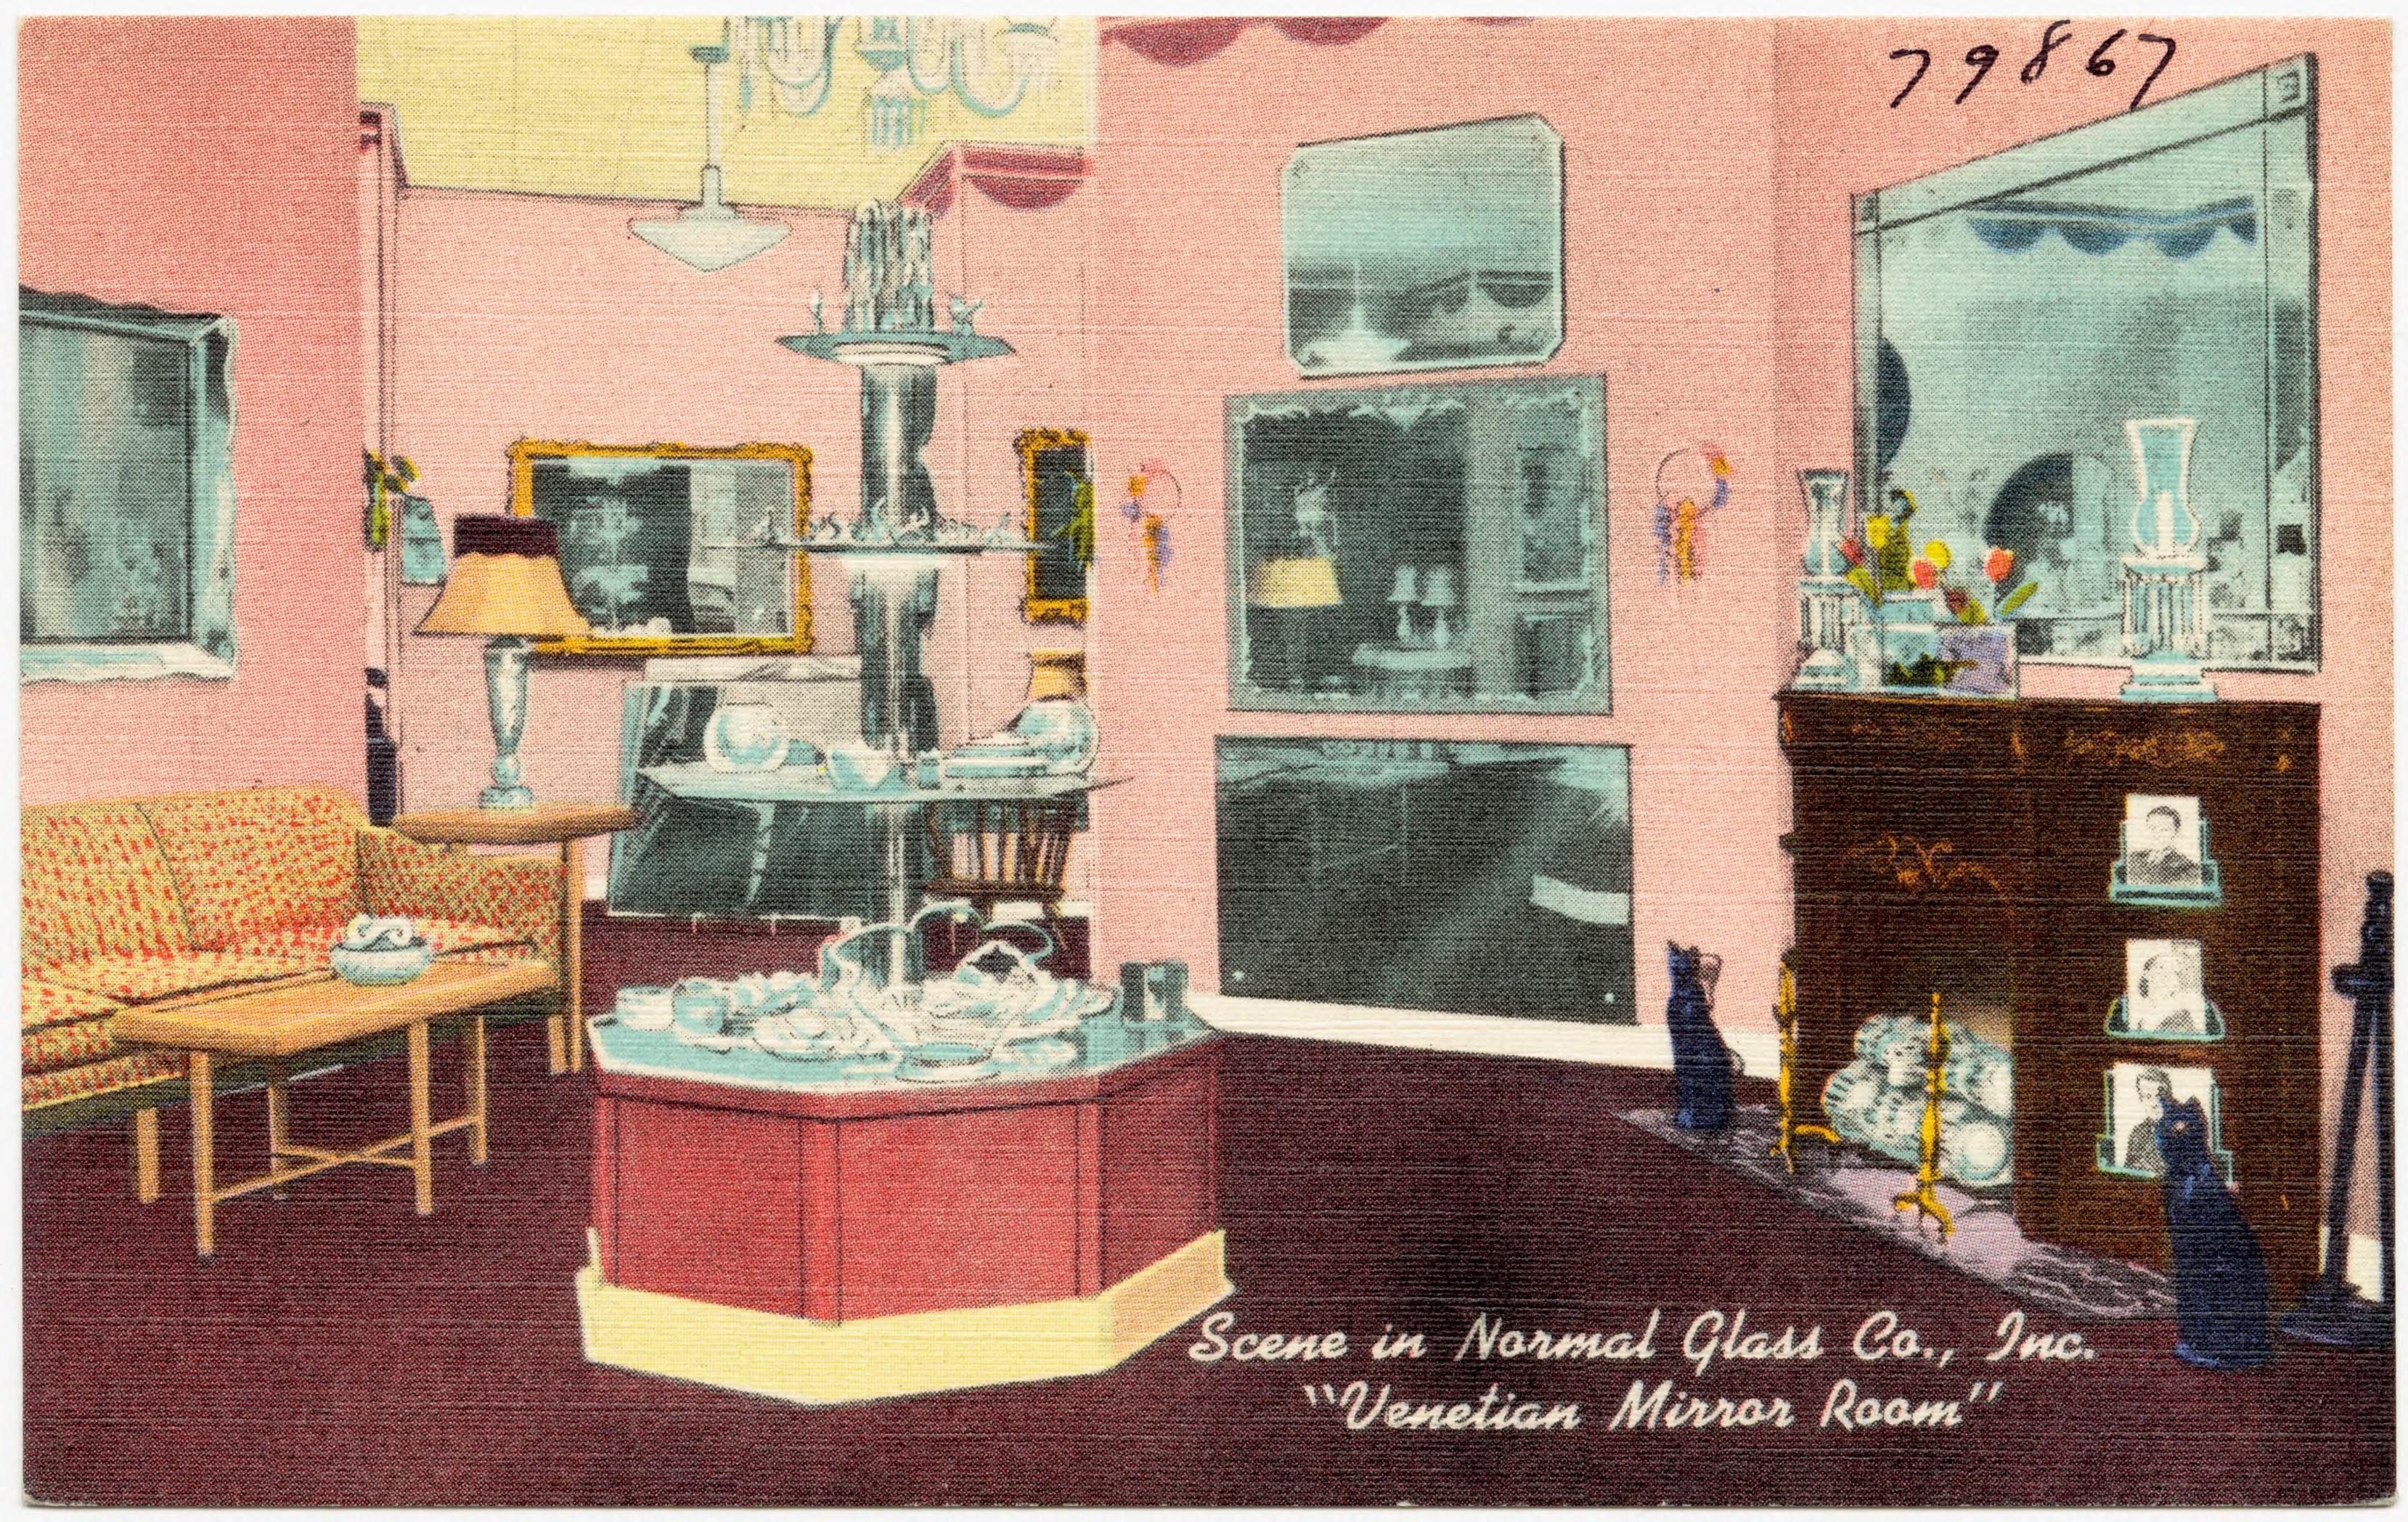 File Scene in Normal Glass Co   Inc   Venetian Mirror Room. File Scene in Normal Glass Co   Inc   Venetian Mirror Room  79867